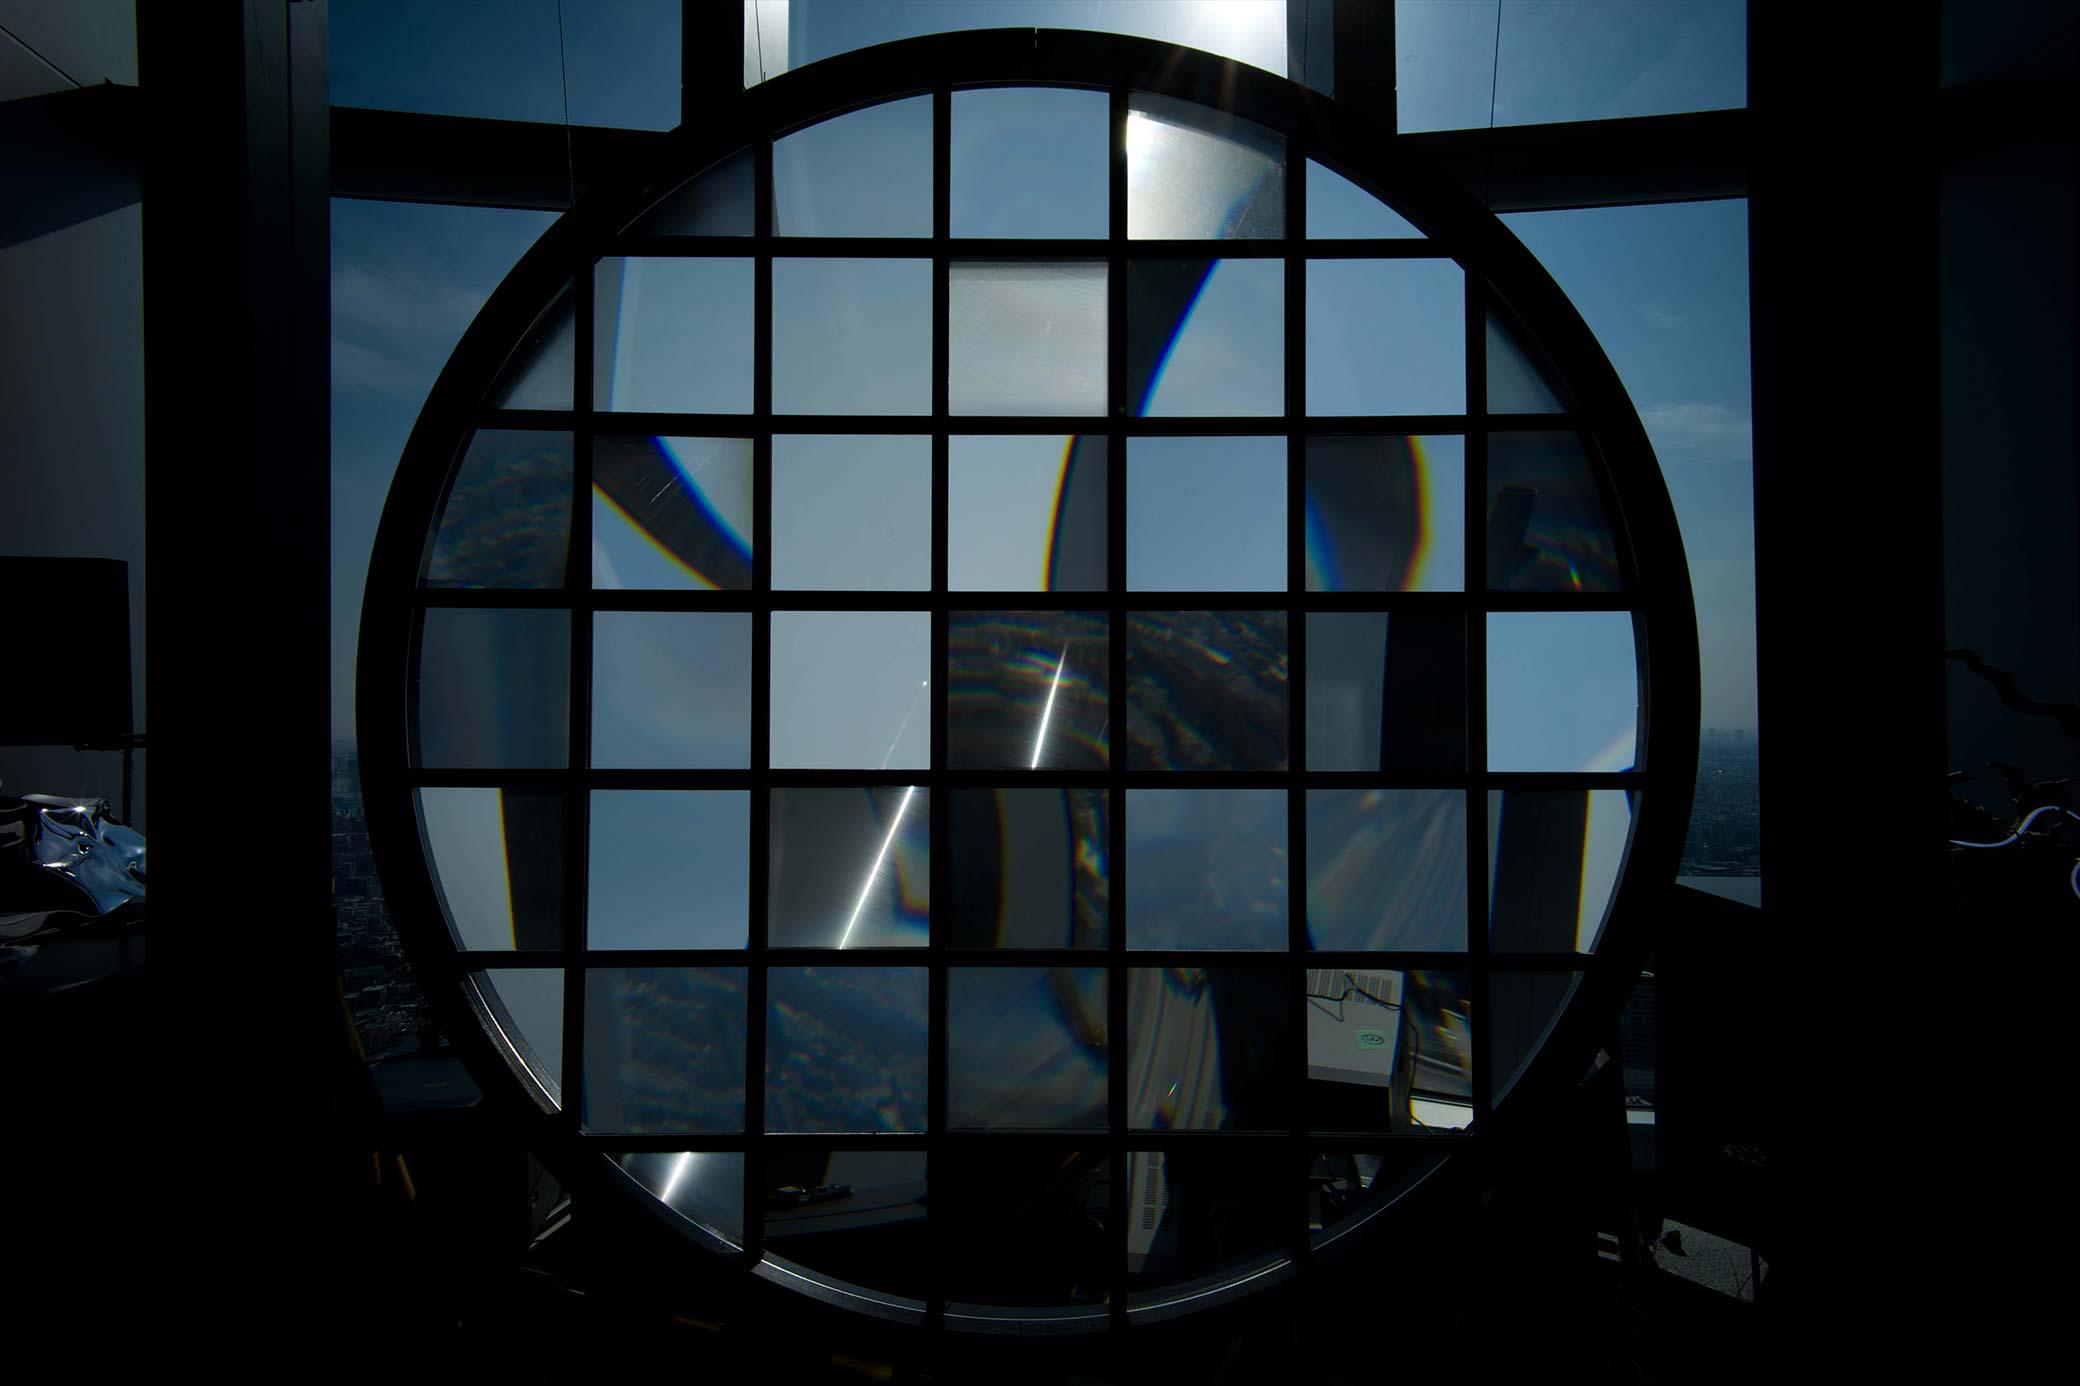 焦点の散らばった窓